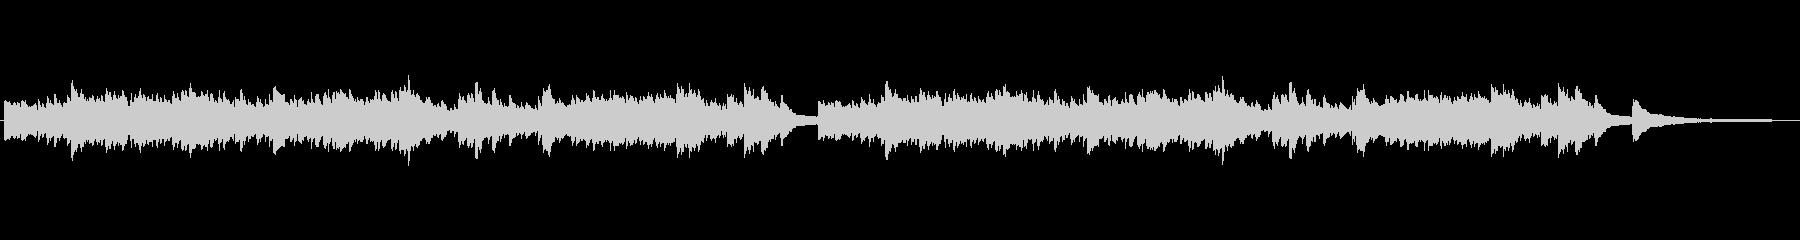 企業VP・CMに シンプルなピアノソロの未再生の波形